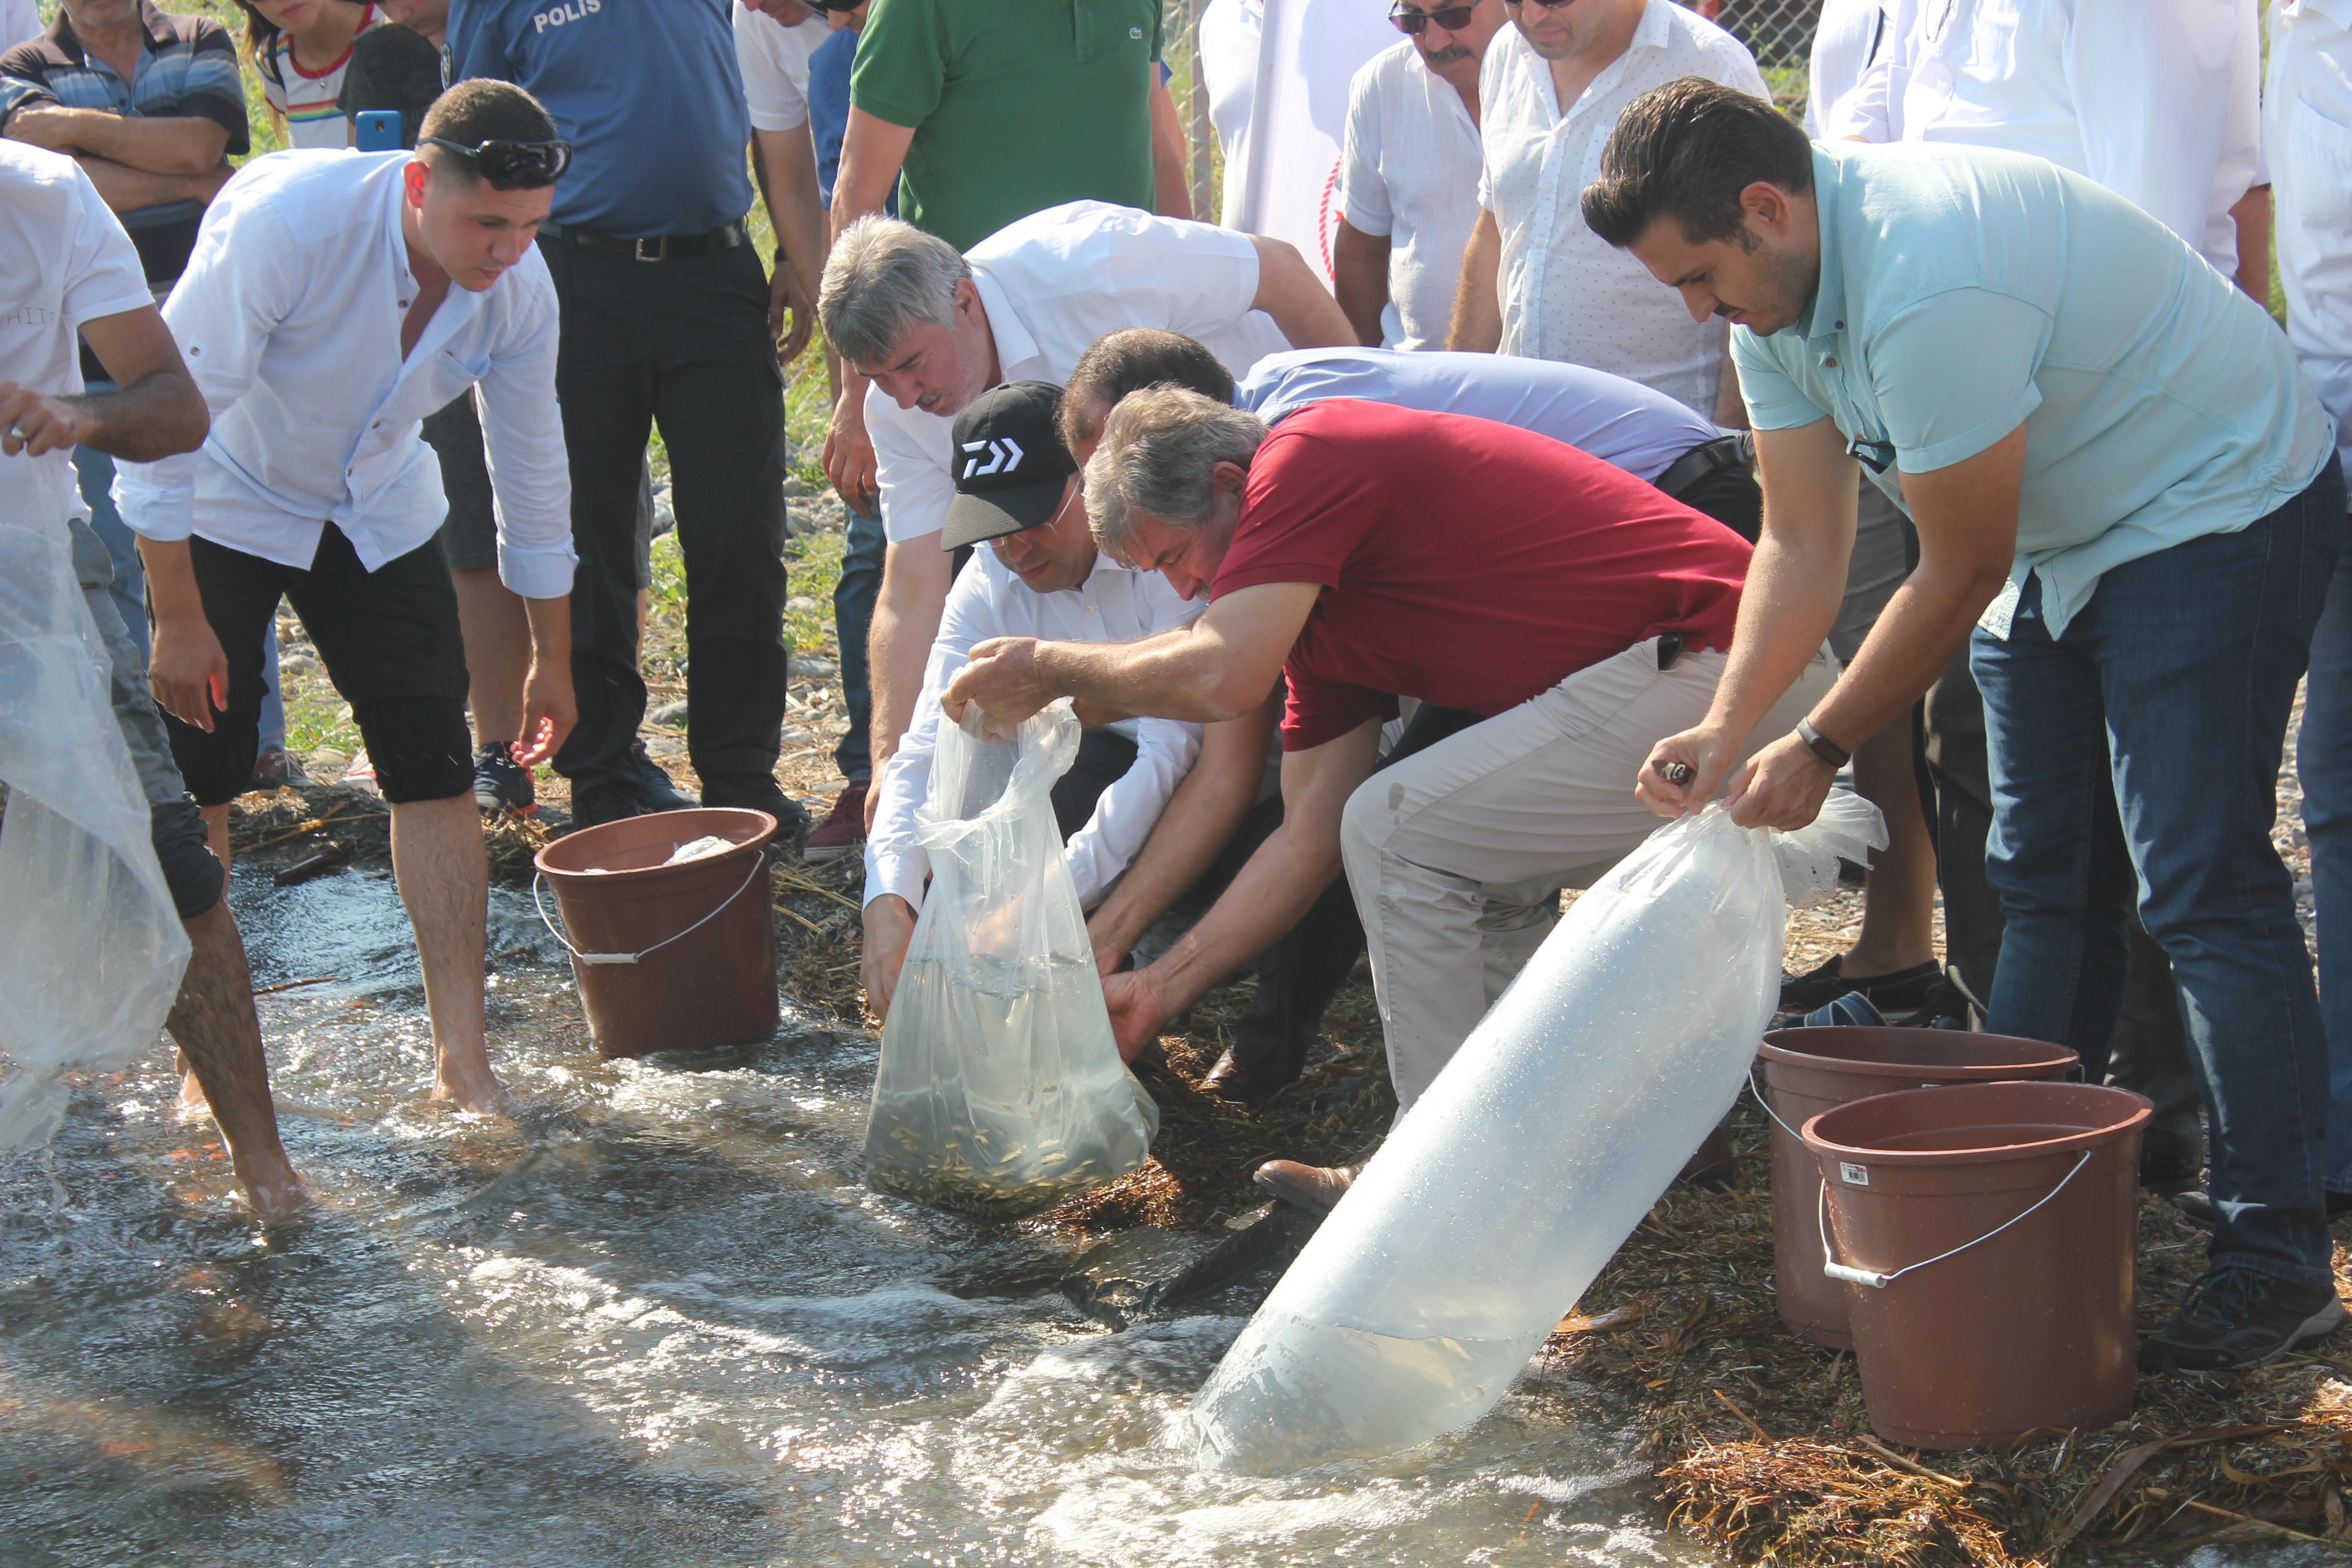 köyceğiz gölü KÖYCEĞİZ GÖLÜ'NE 180 BİN YAVRU SAZAN BIRAKILDI… koycegiz golu 2